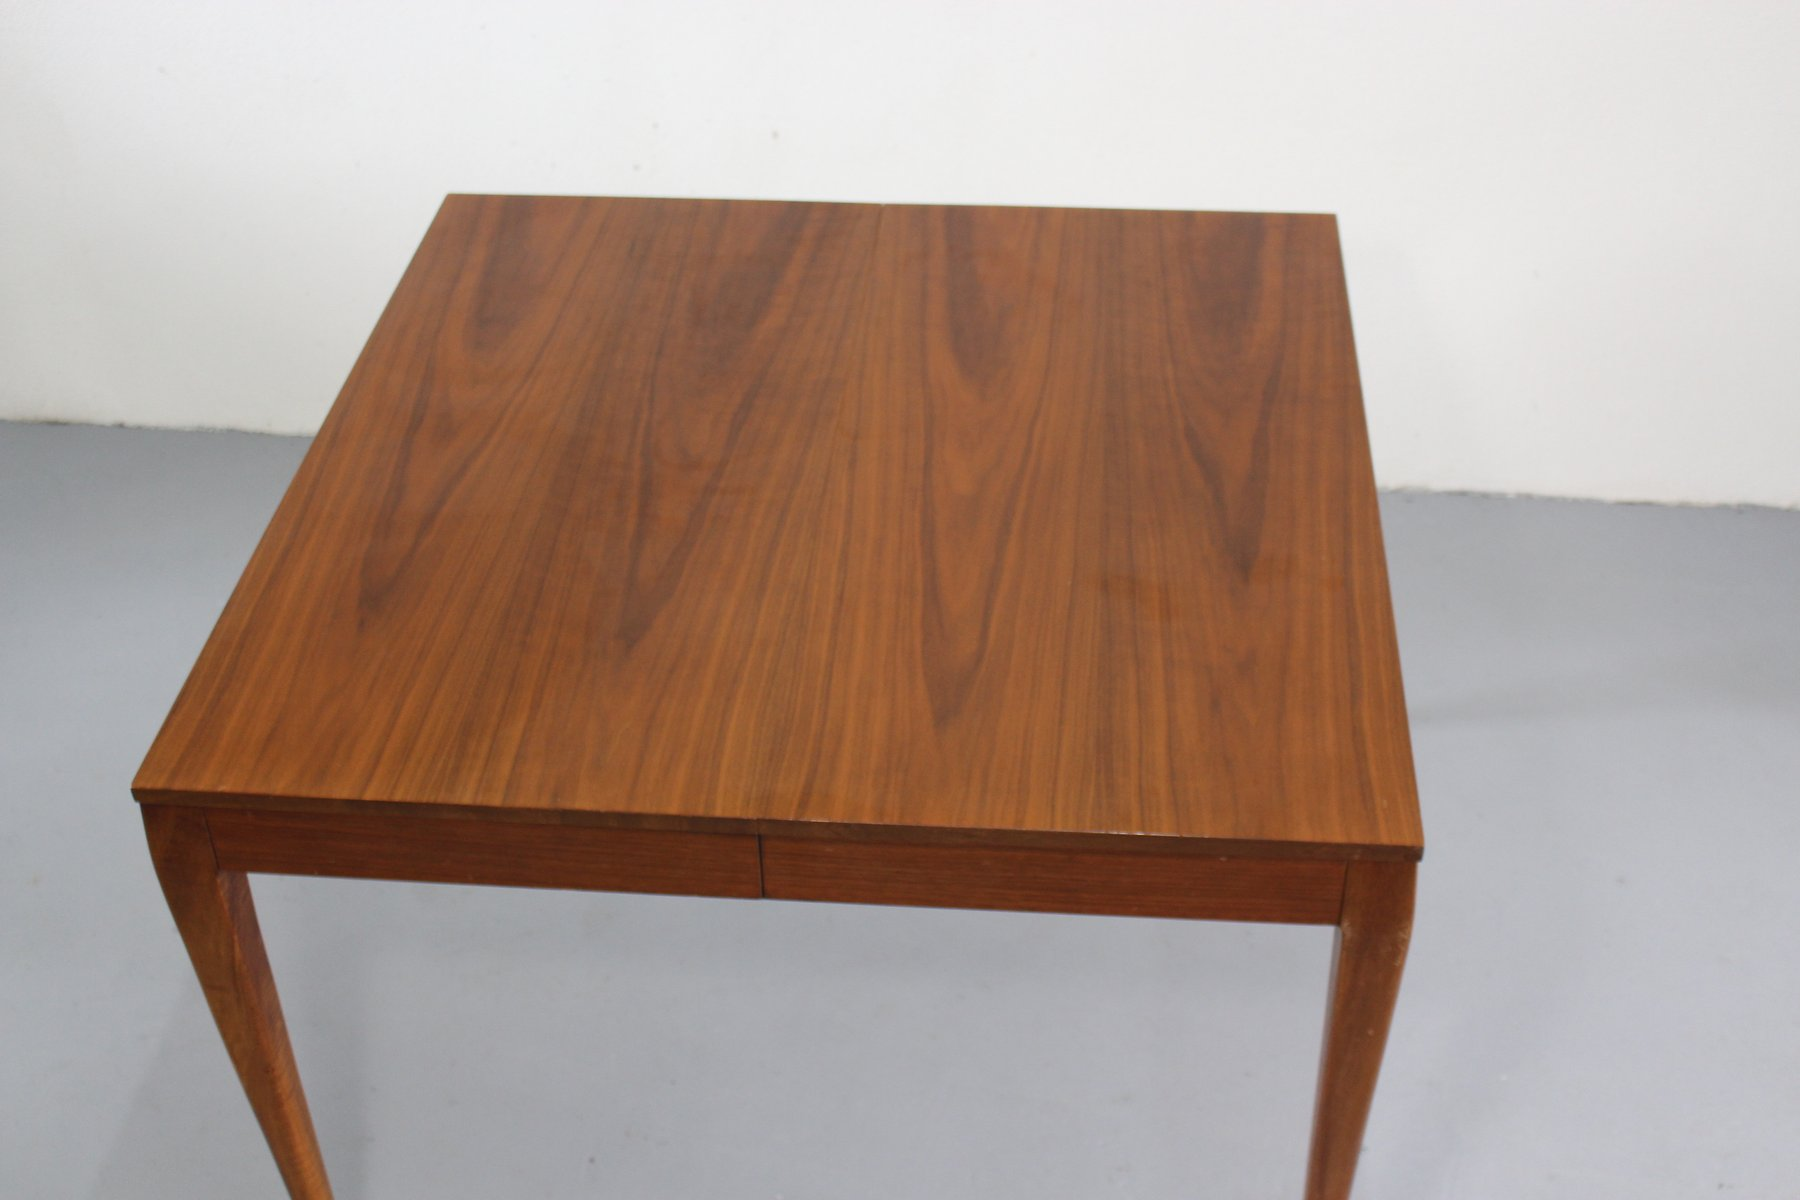 gro er ausziehbarer esstisch von paul mccobb f r wk m bel. Black Bedroom Furniture Sets. Home Design Ideas